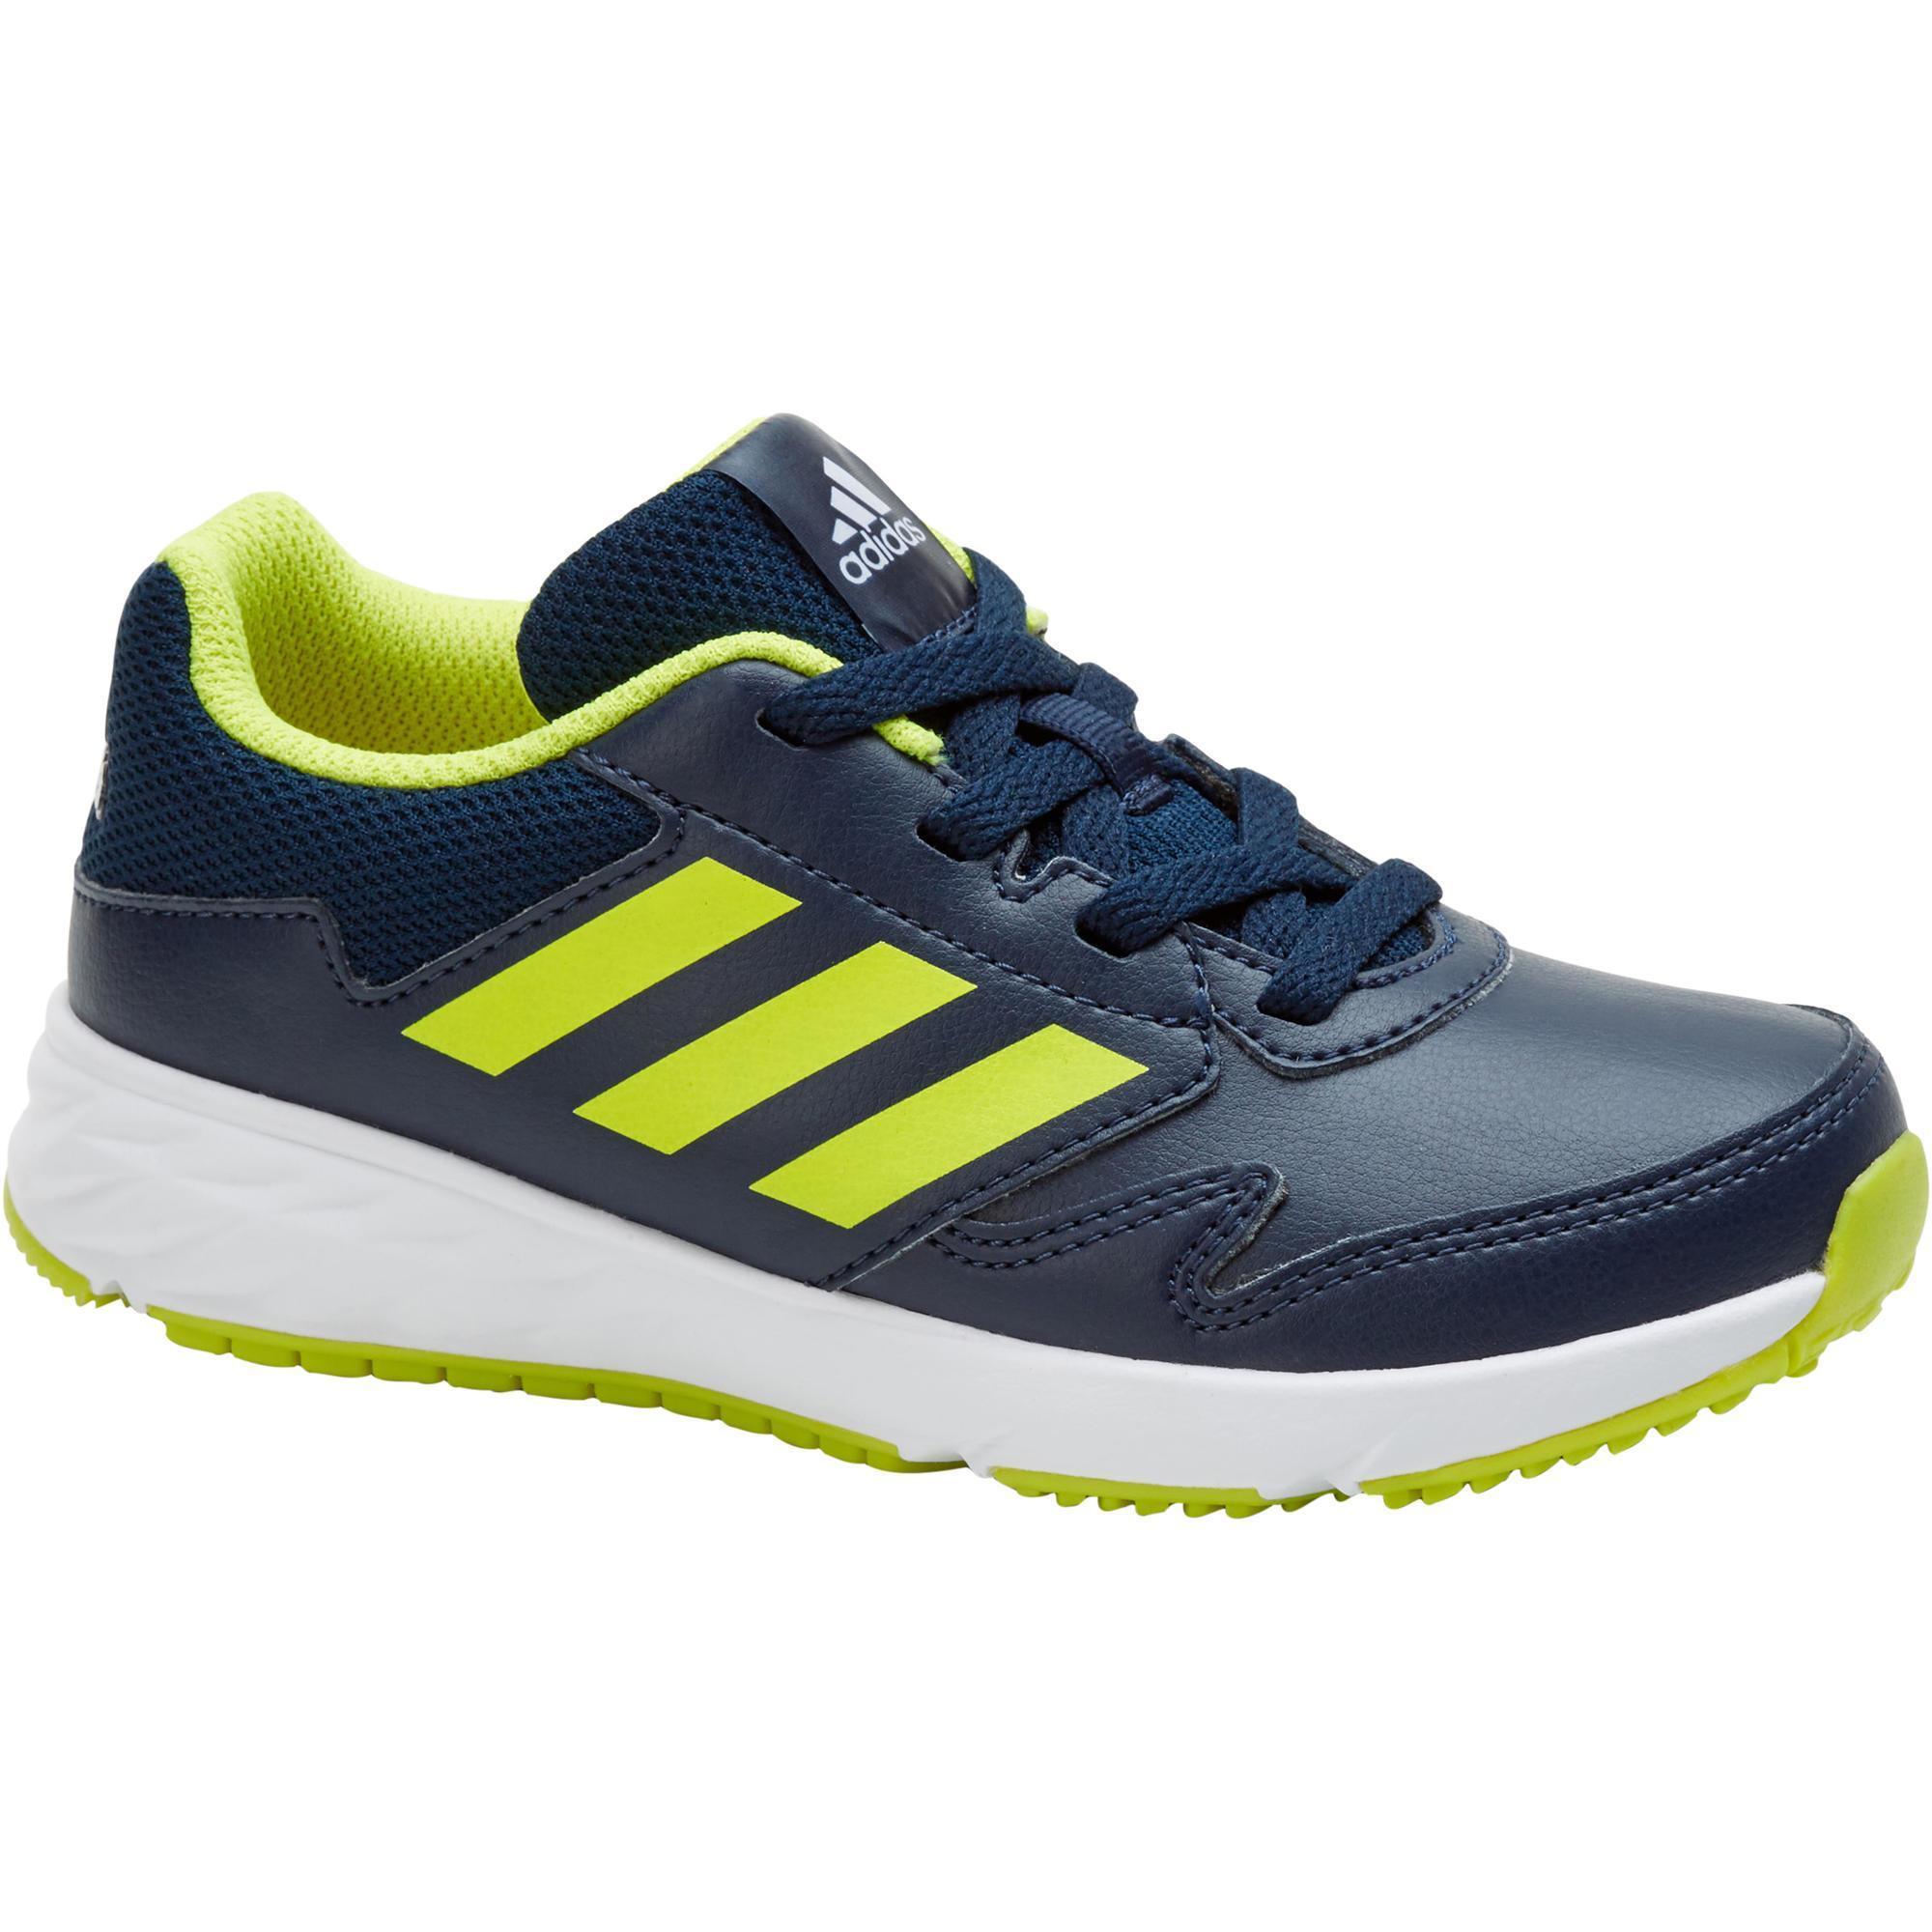 Adidas Kindersneakers Fastwalk met veters blauw-geel